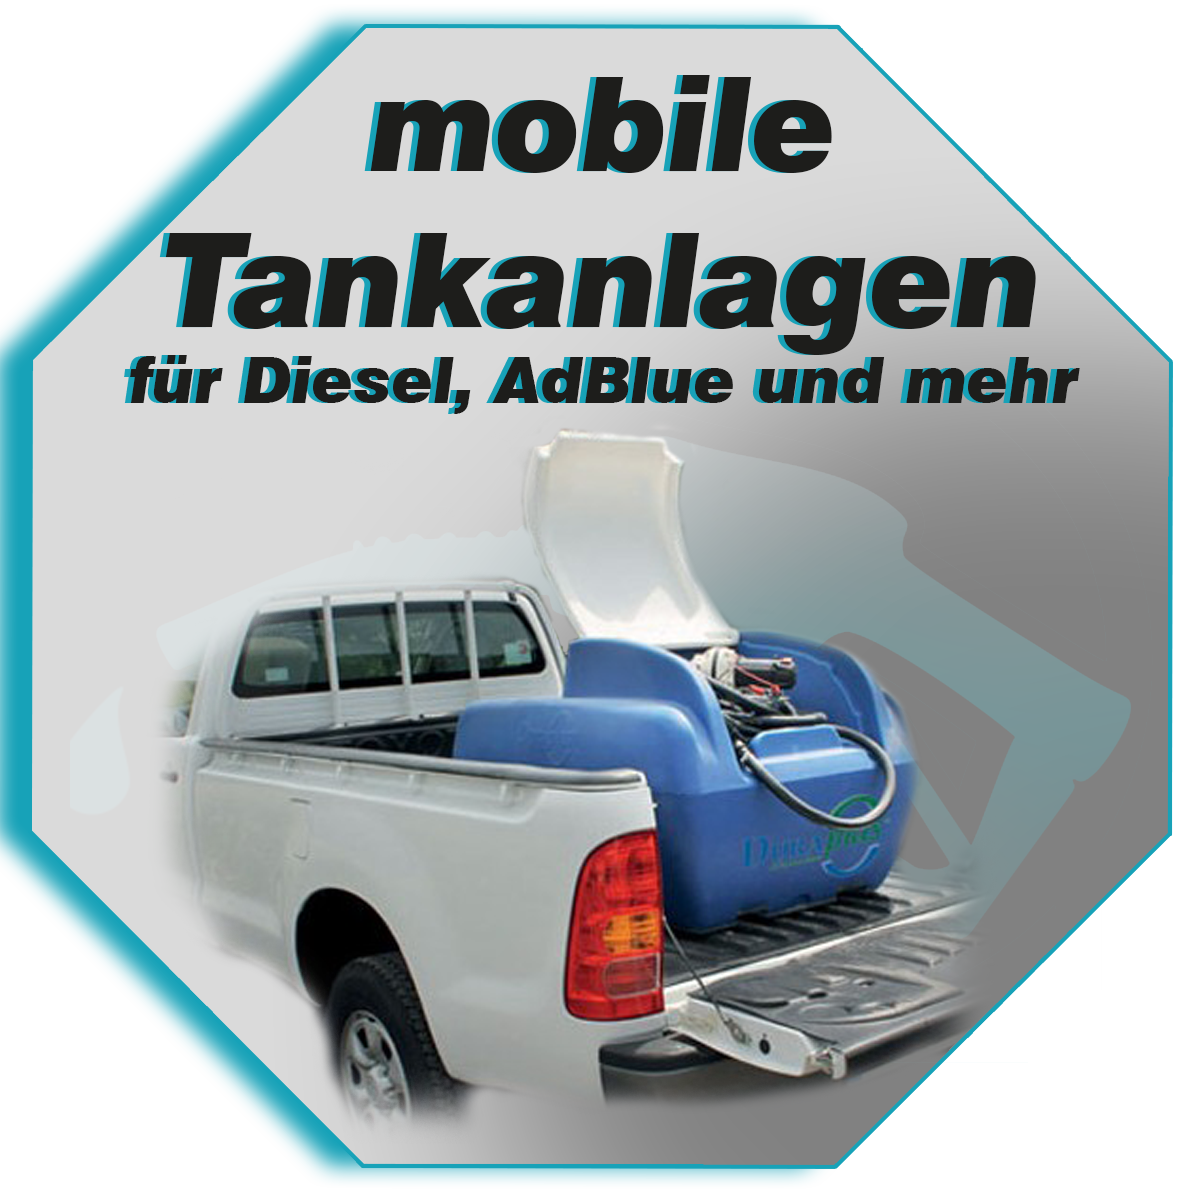 Mobile Tankanlagen und Tanks. Für Diese, Benzin, Wasser, Flüssigdünger und mehr